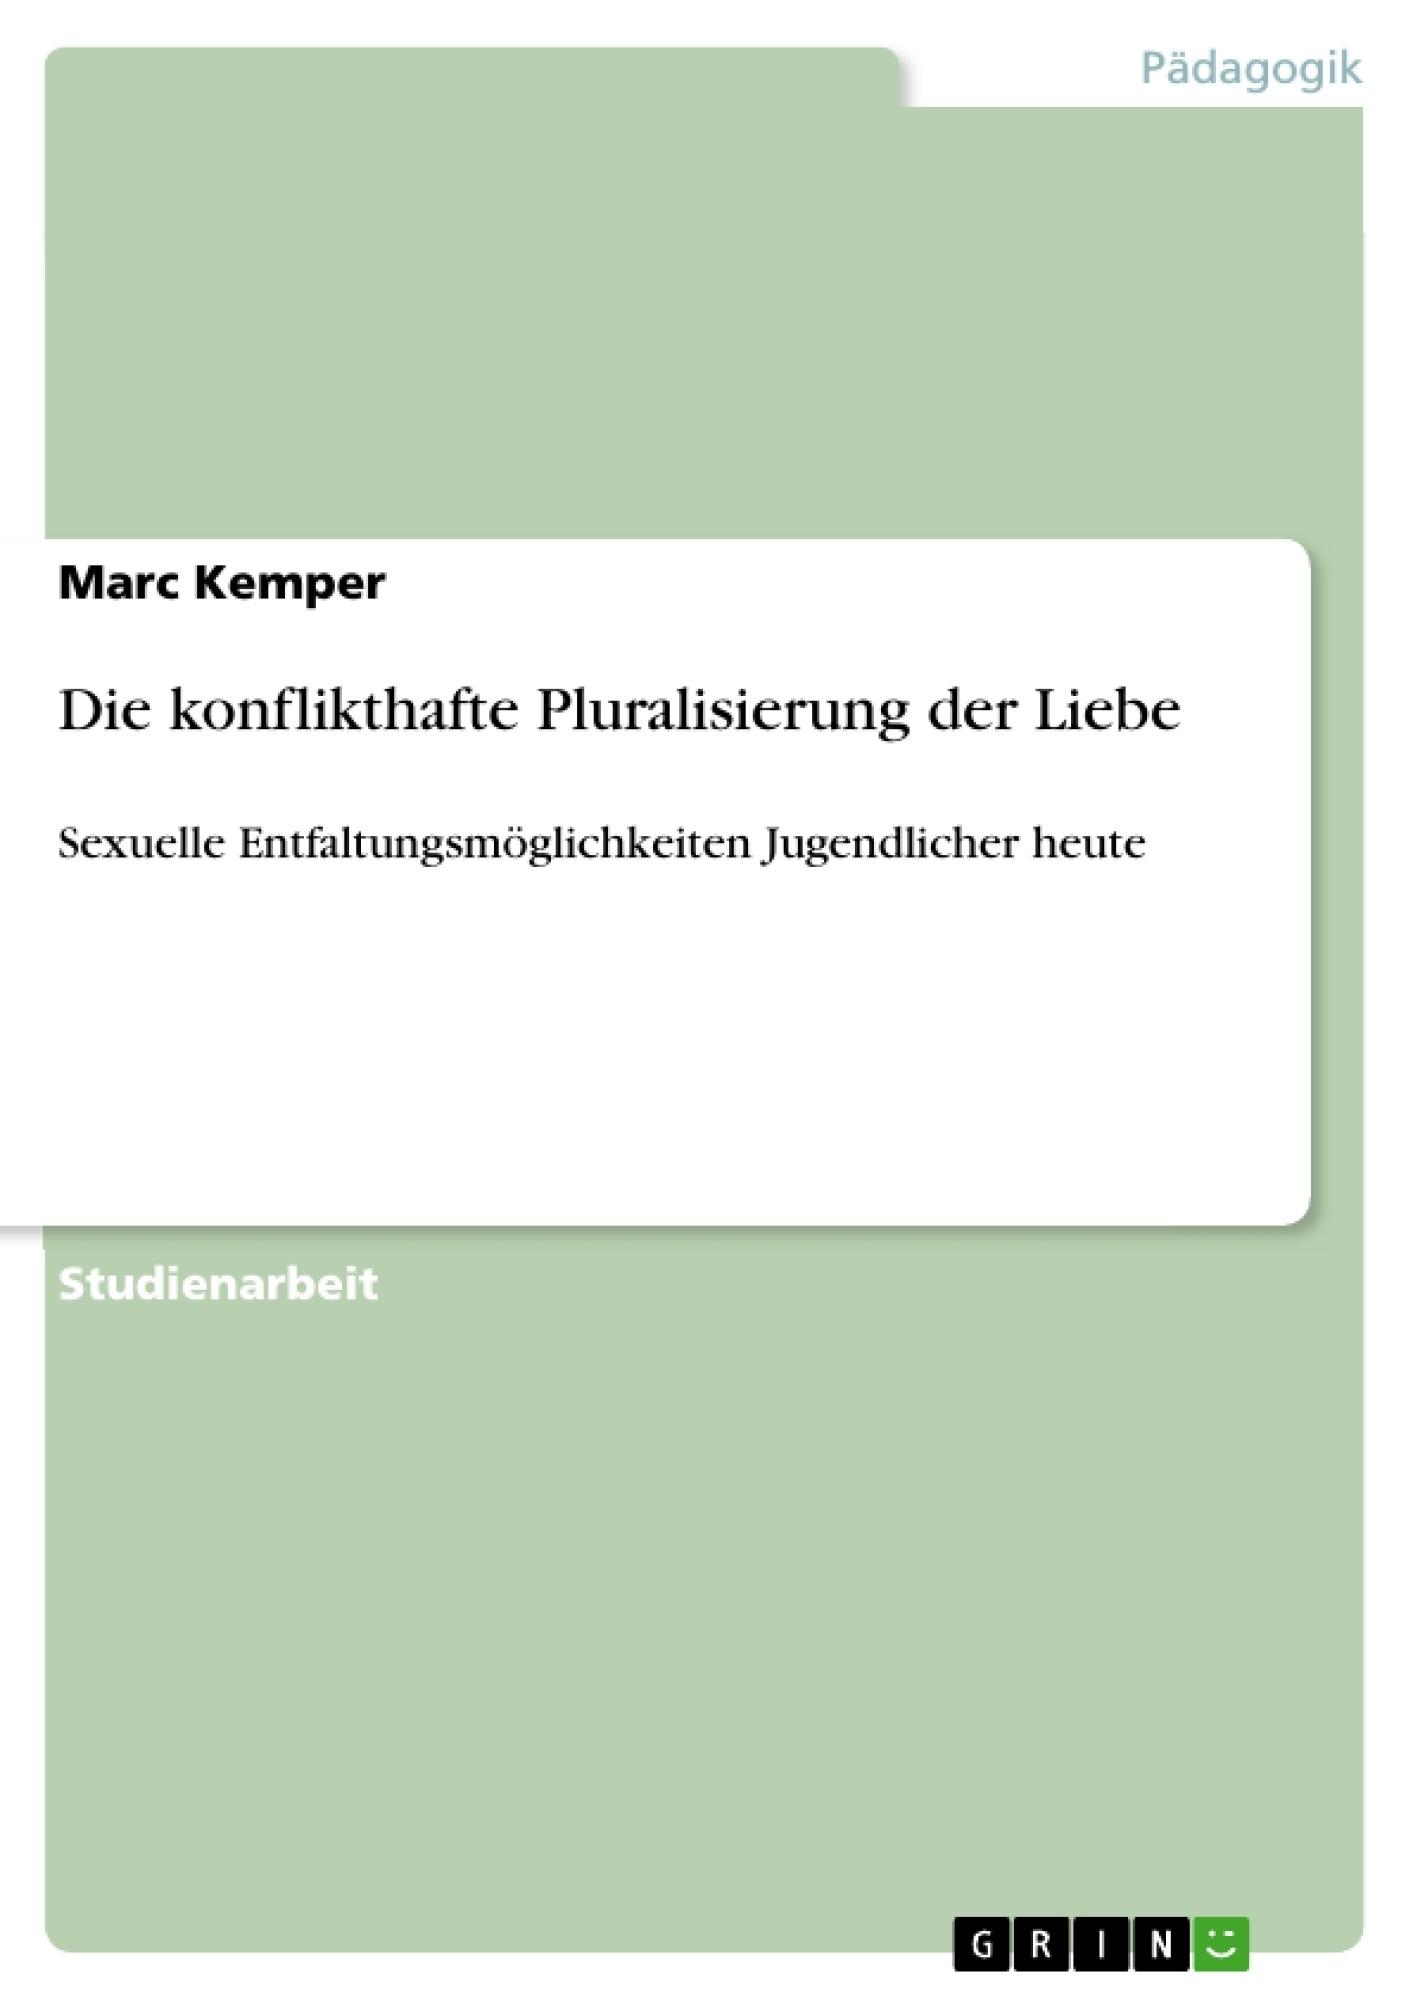 Titel: Die konflikthafte Pluralisierung der Liebe